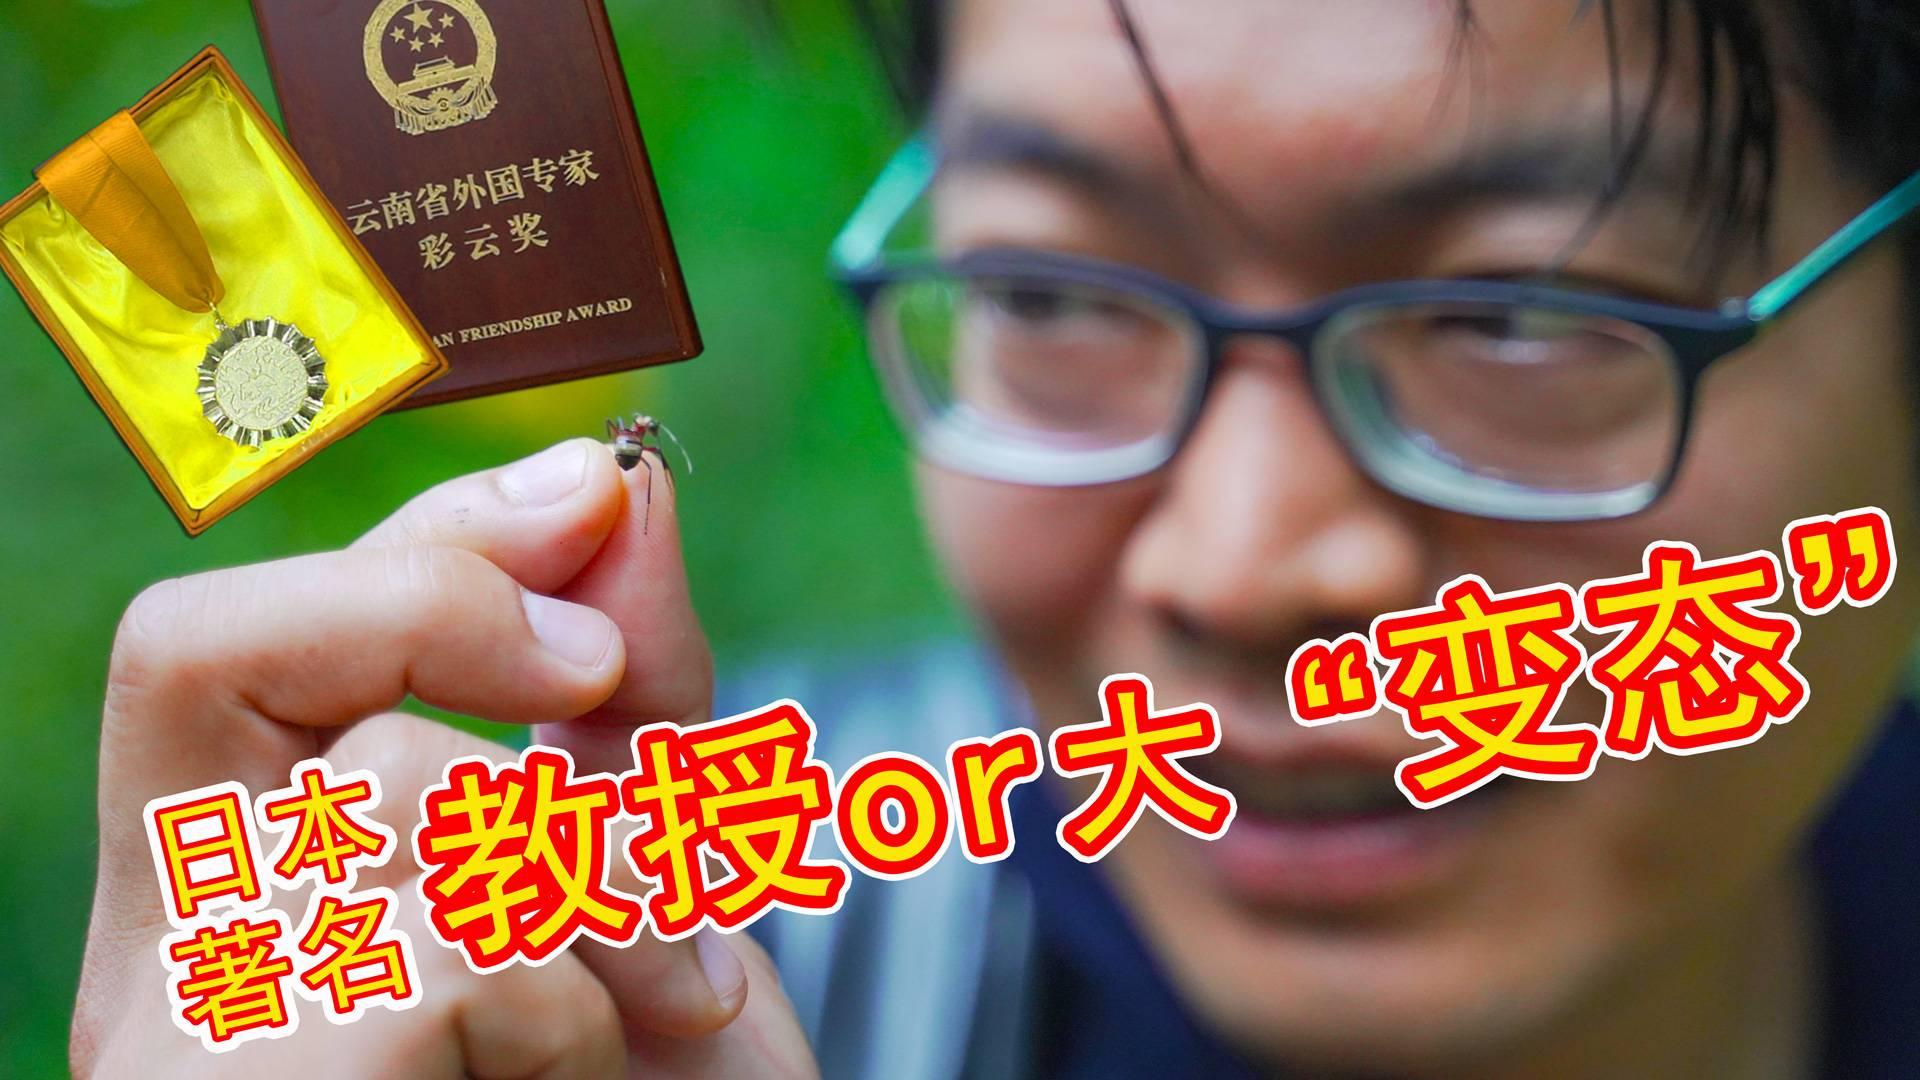 """获得云南省外国专家奖的日本昆虫教授竟然自称是""""大变态""""!"""